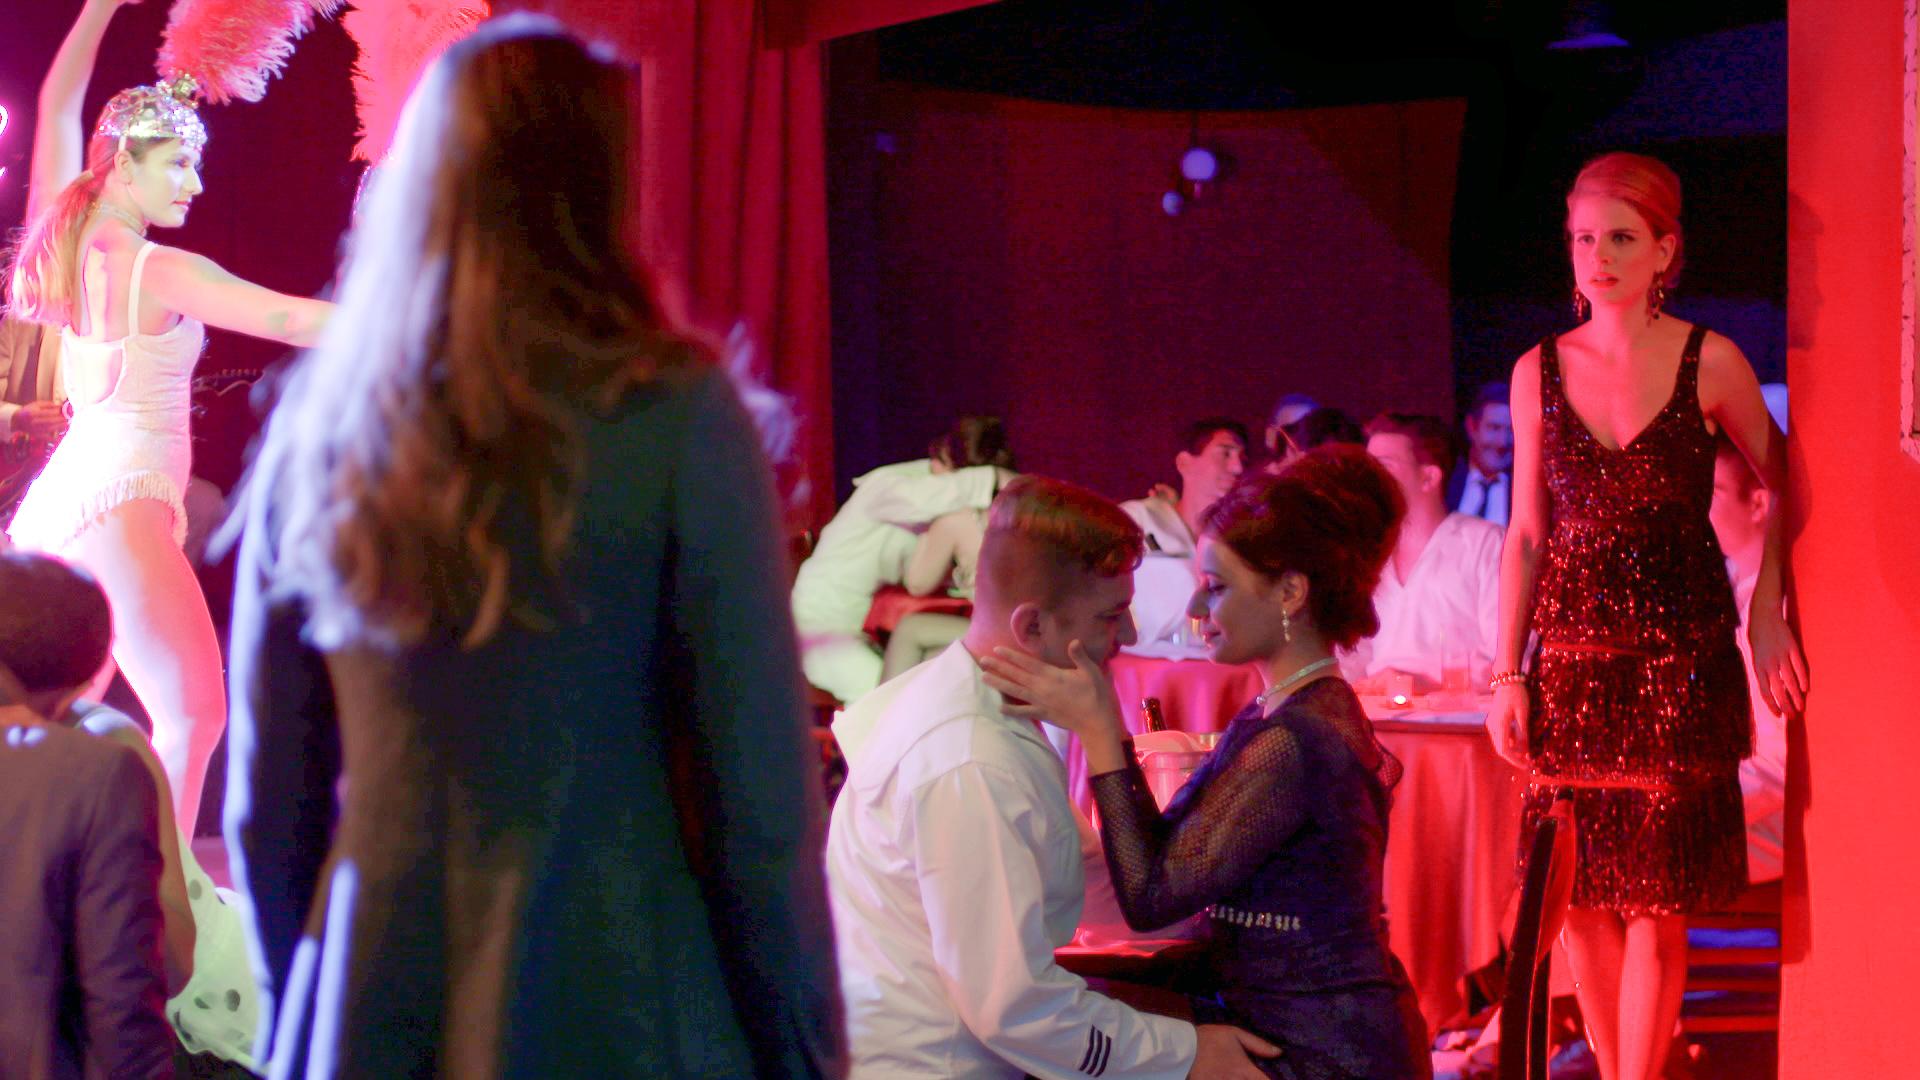 Άγριες Μέλισσες - Spoiler: Όλες οι εξελίξεις της επόμενης εβδομάδας! Η Ελένη βλέπει μπροστά της το Βόσκαρη στο Διαφάνι - Ο Δούκας διώχνει την Πηνελόπη!